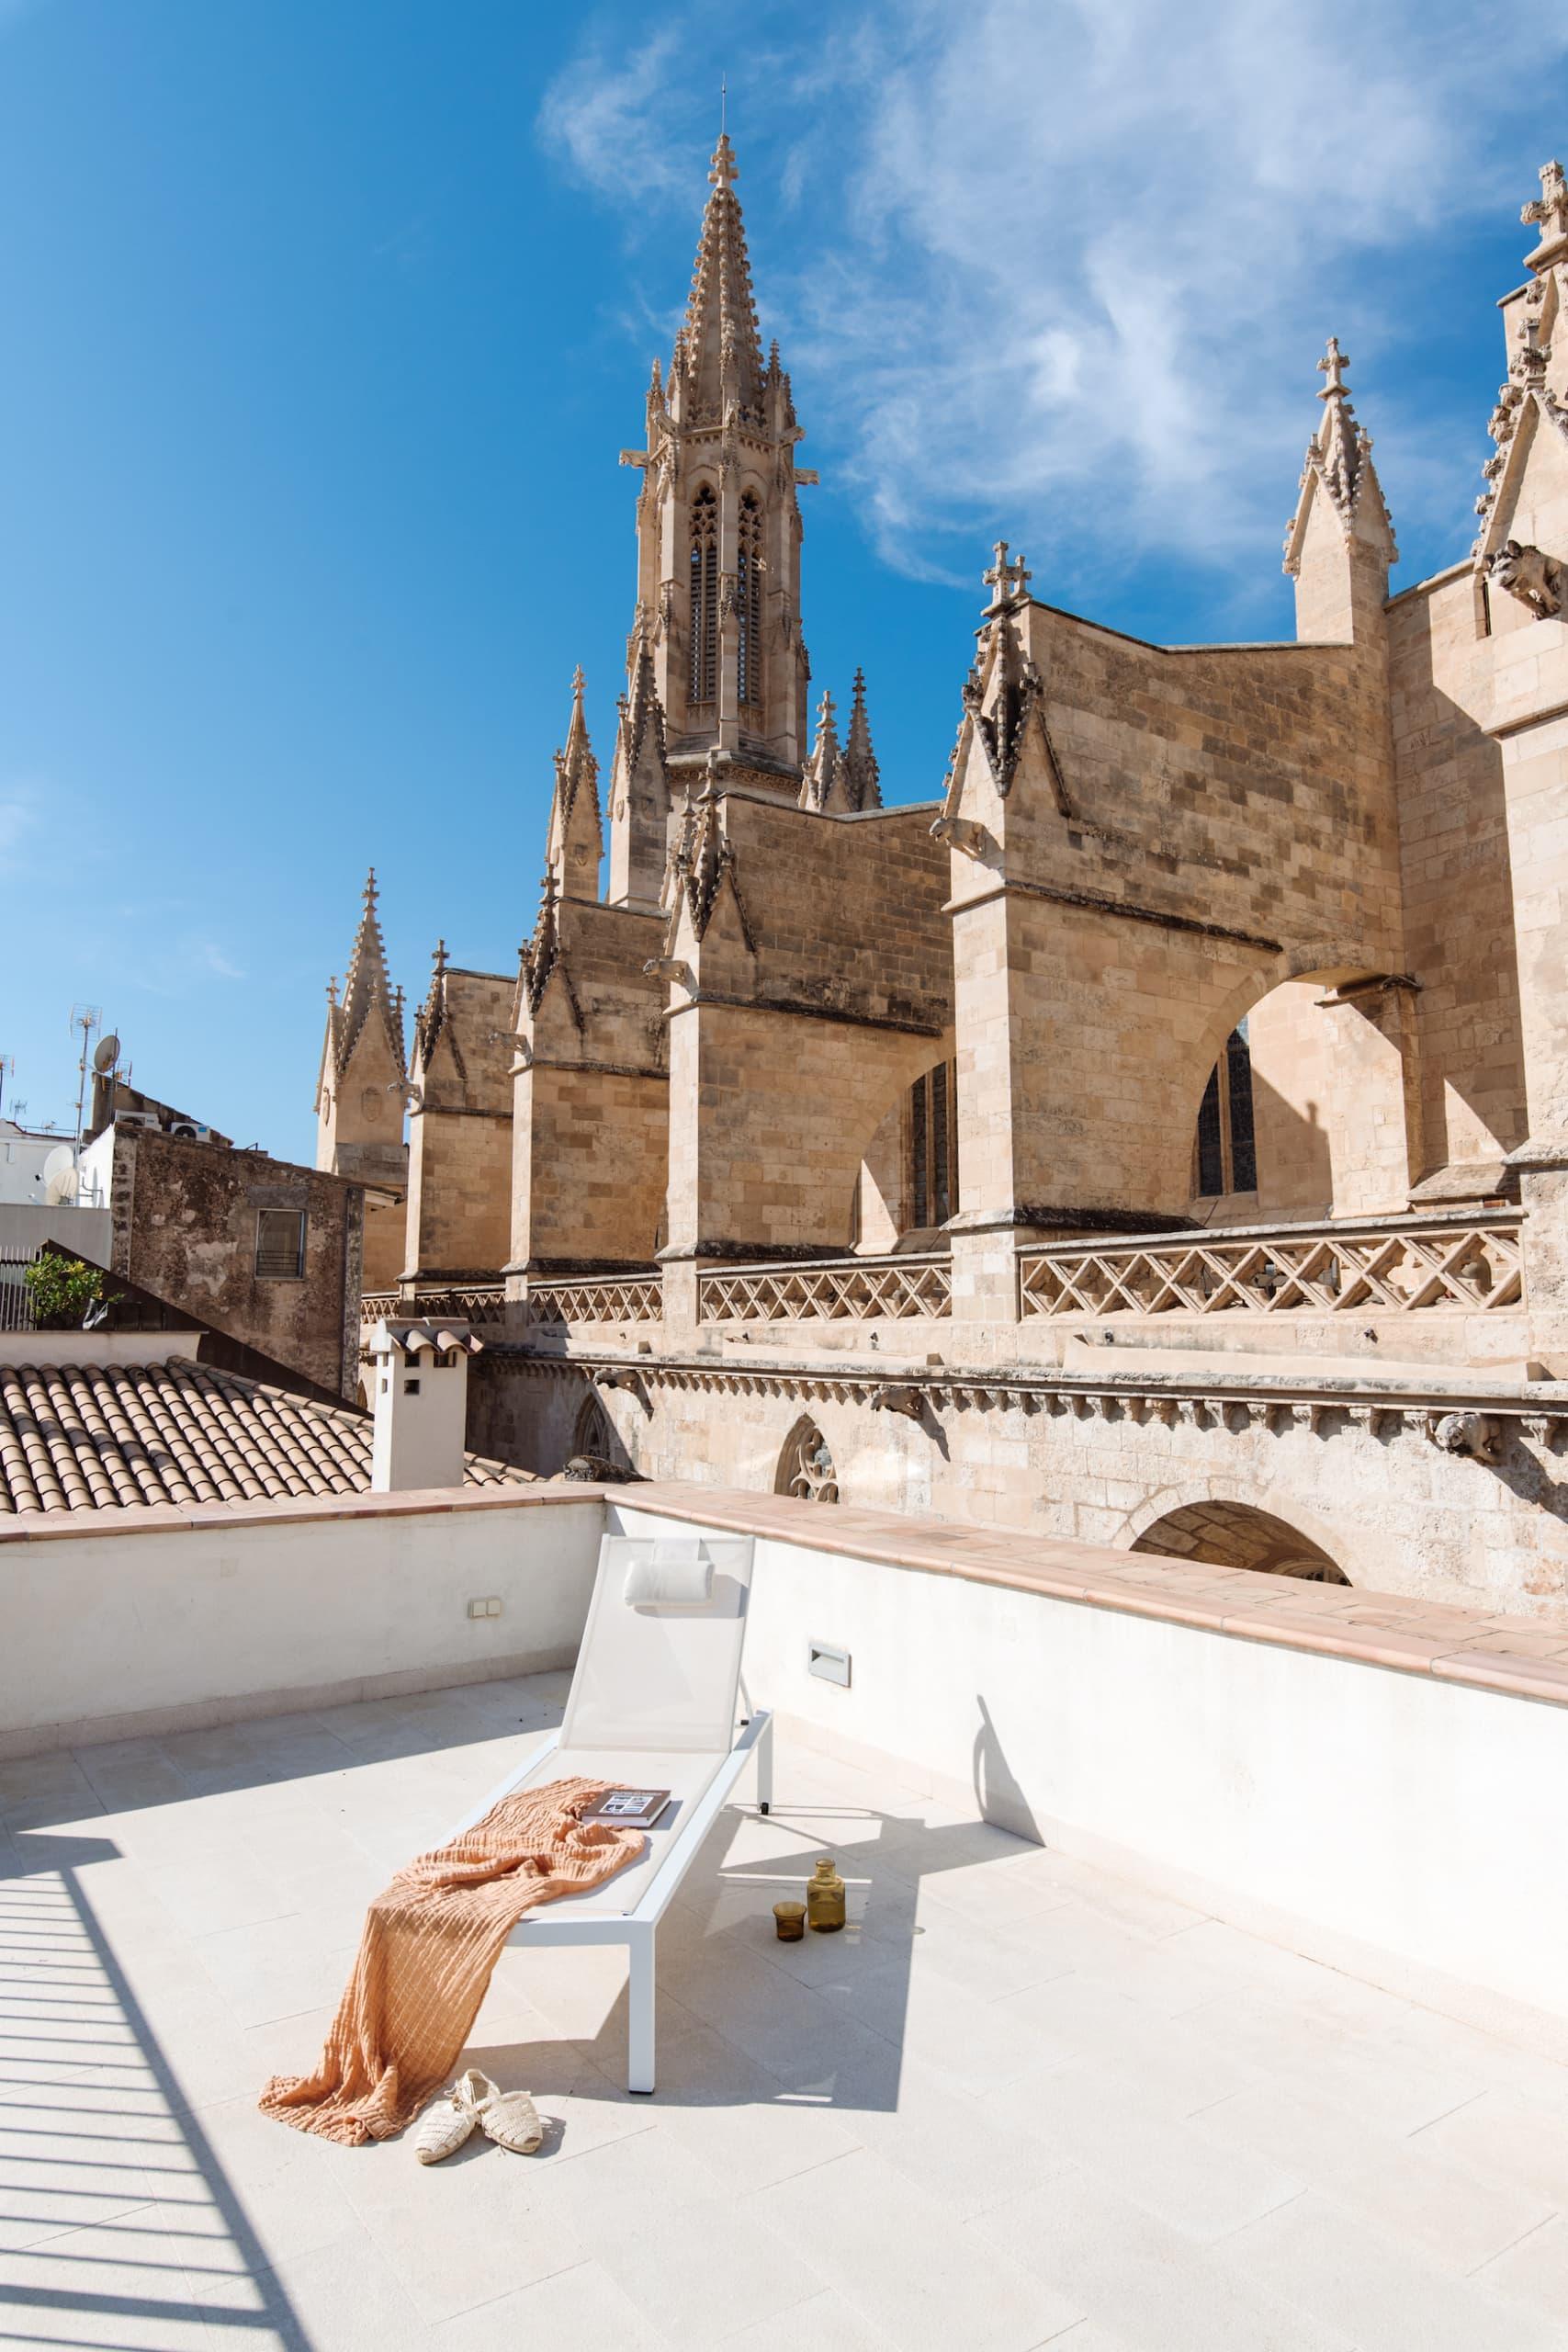 Terrasse mit Liegestuhl vor einer Kirche in Altstadt von Palma de Mallorca